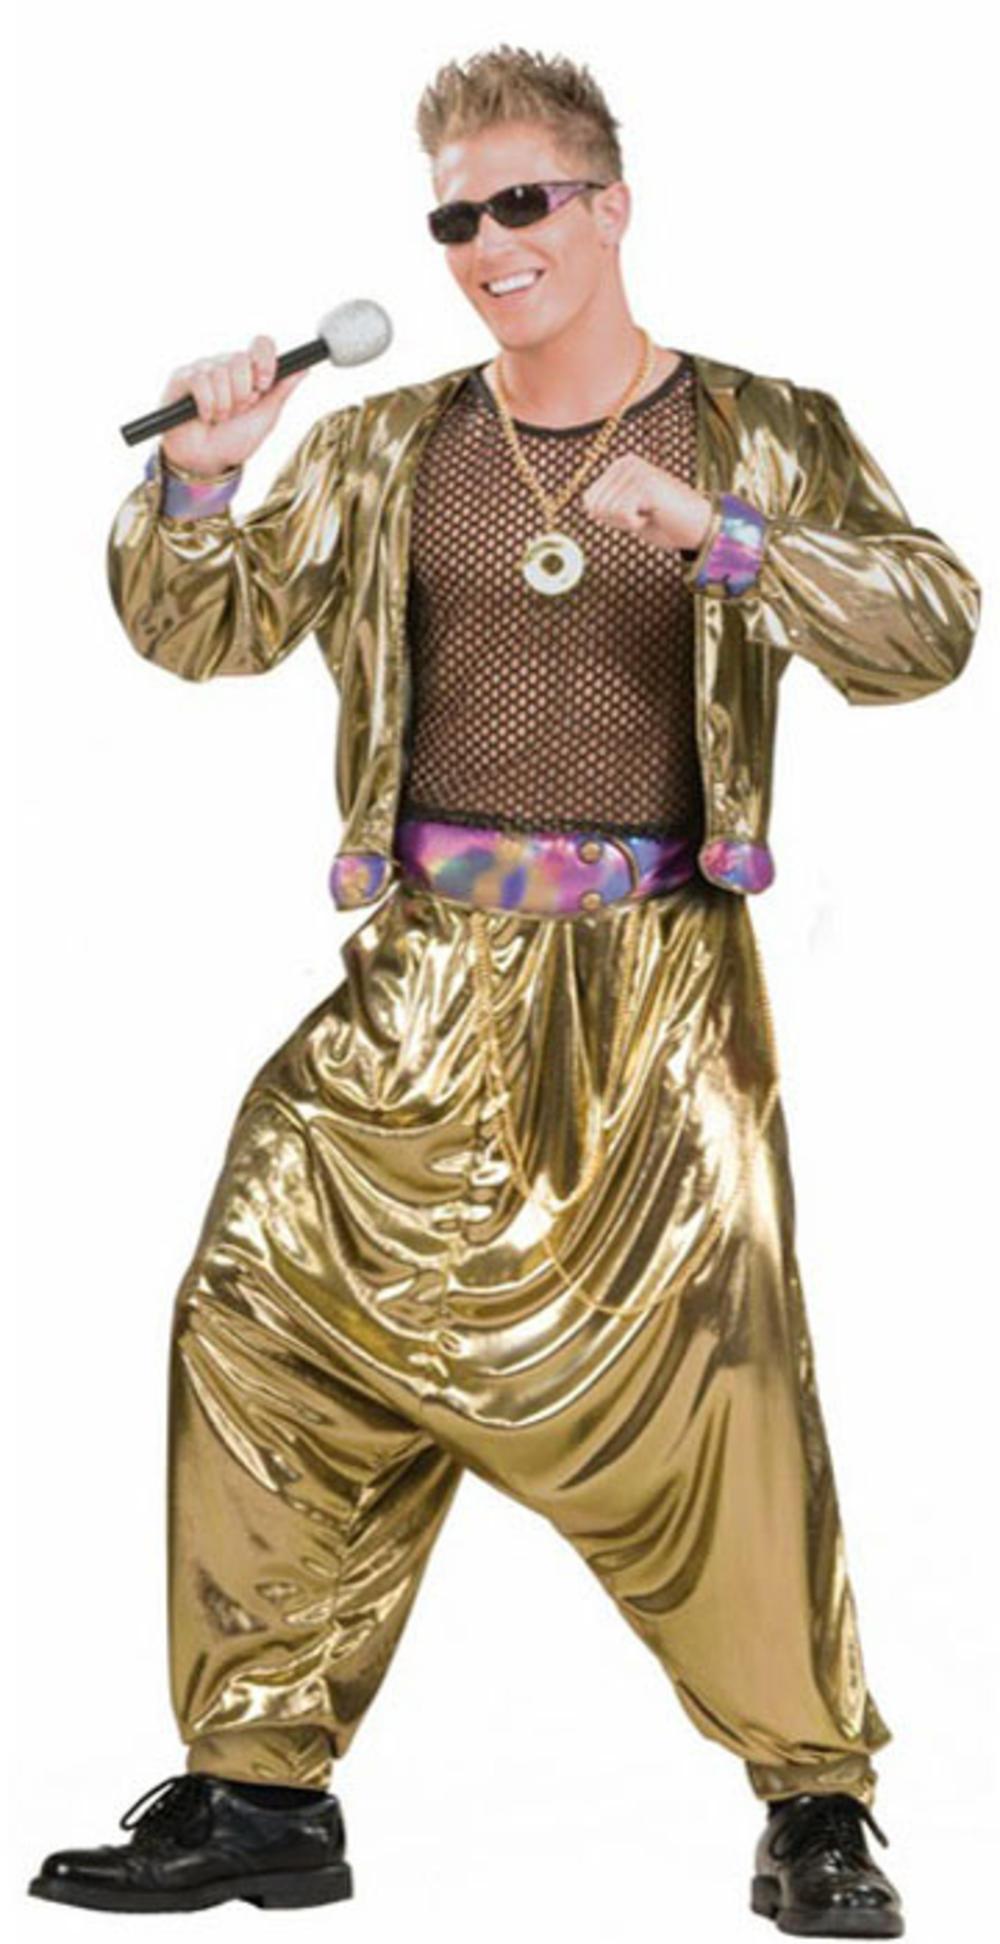 80s Video Super Star Rapper Costume Accessory